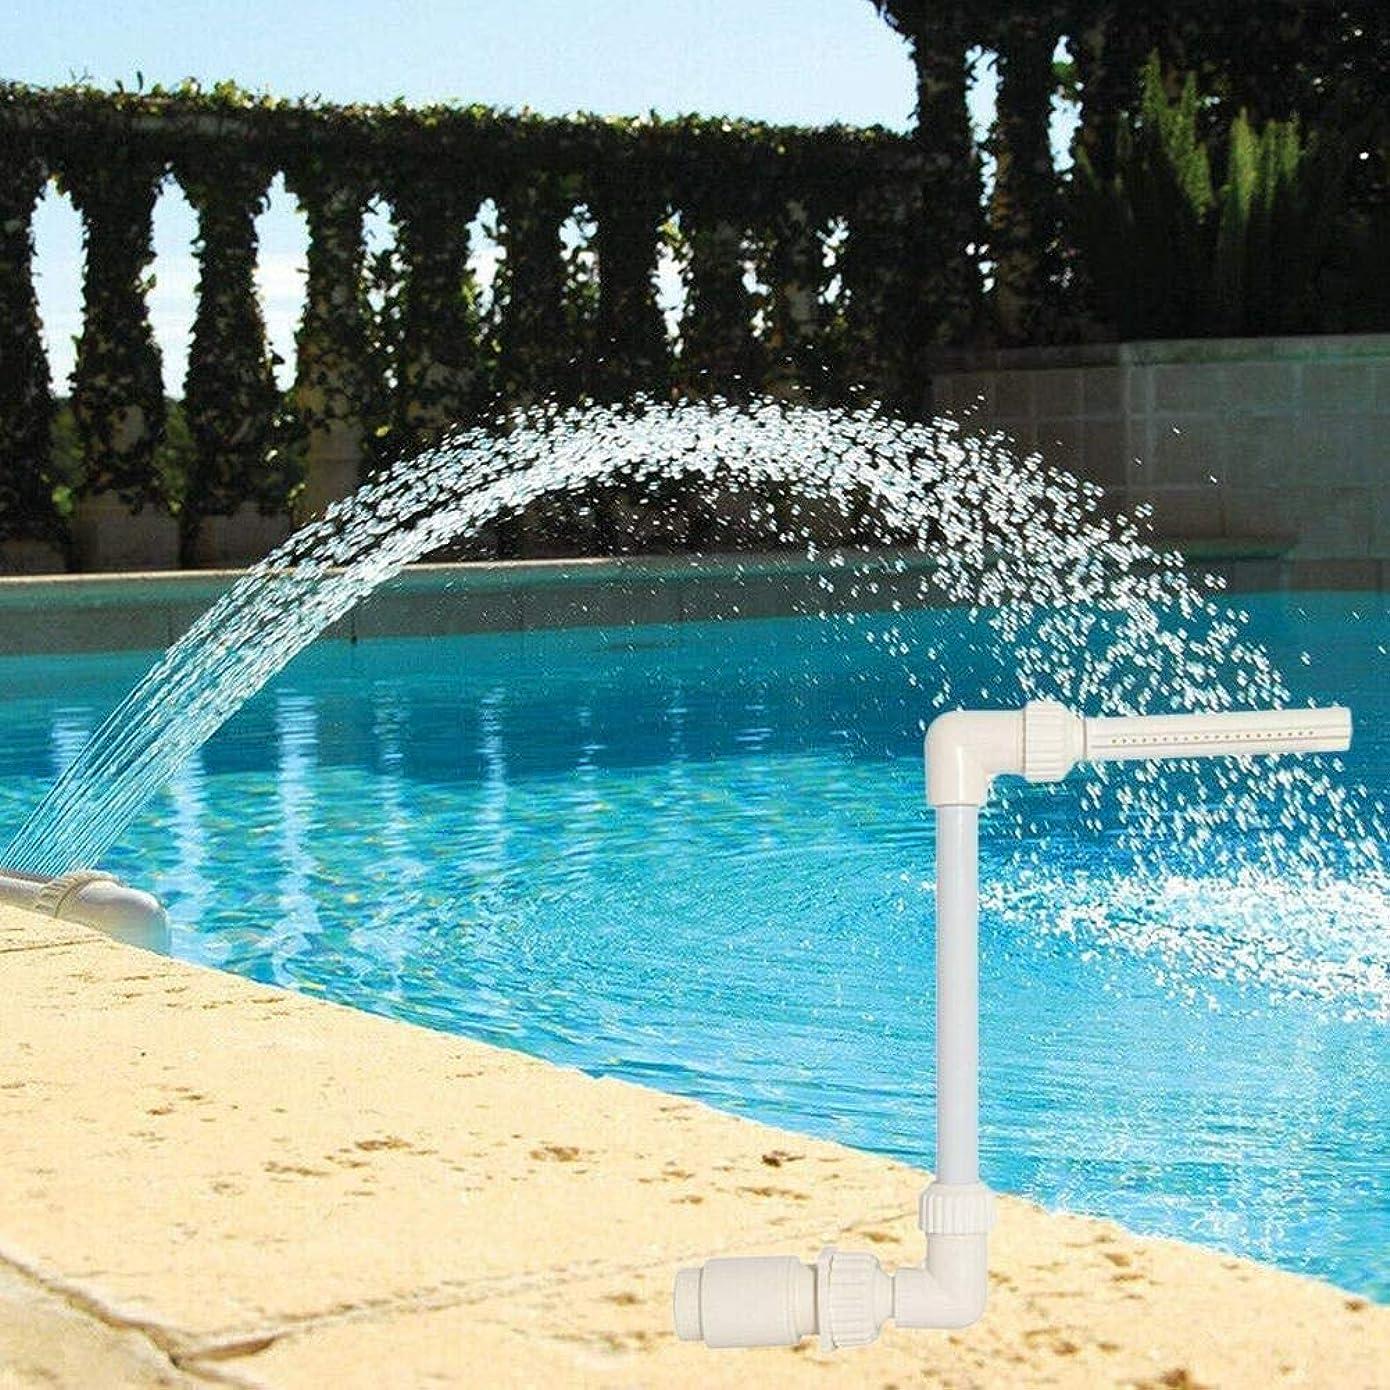 治安判事社会主義者ホイッスル散水ホース 滝の泉のクールの温度ウォータースポーツアジャスタブルスプレースイミングプール方向アクセサリーR G9H5「」1.5にふさわしいスレッド ZHQJP